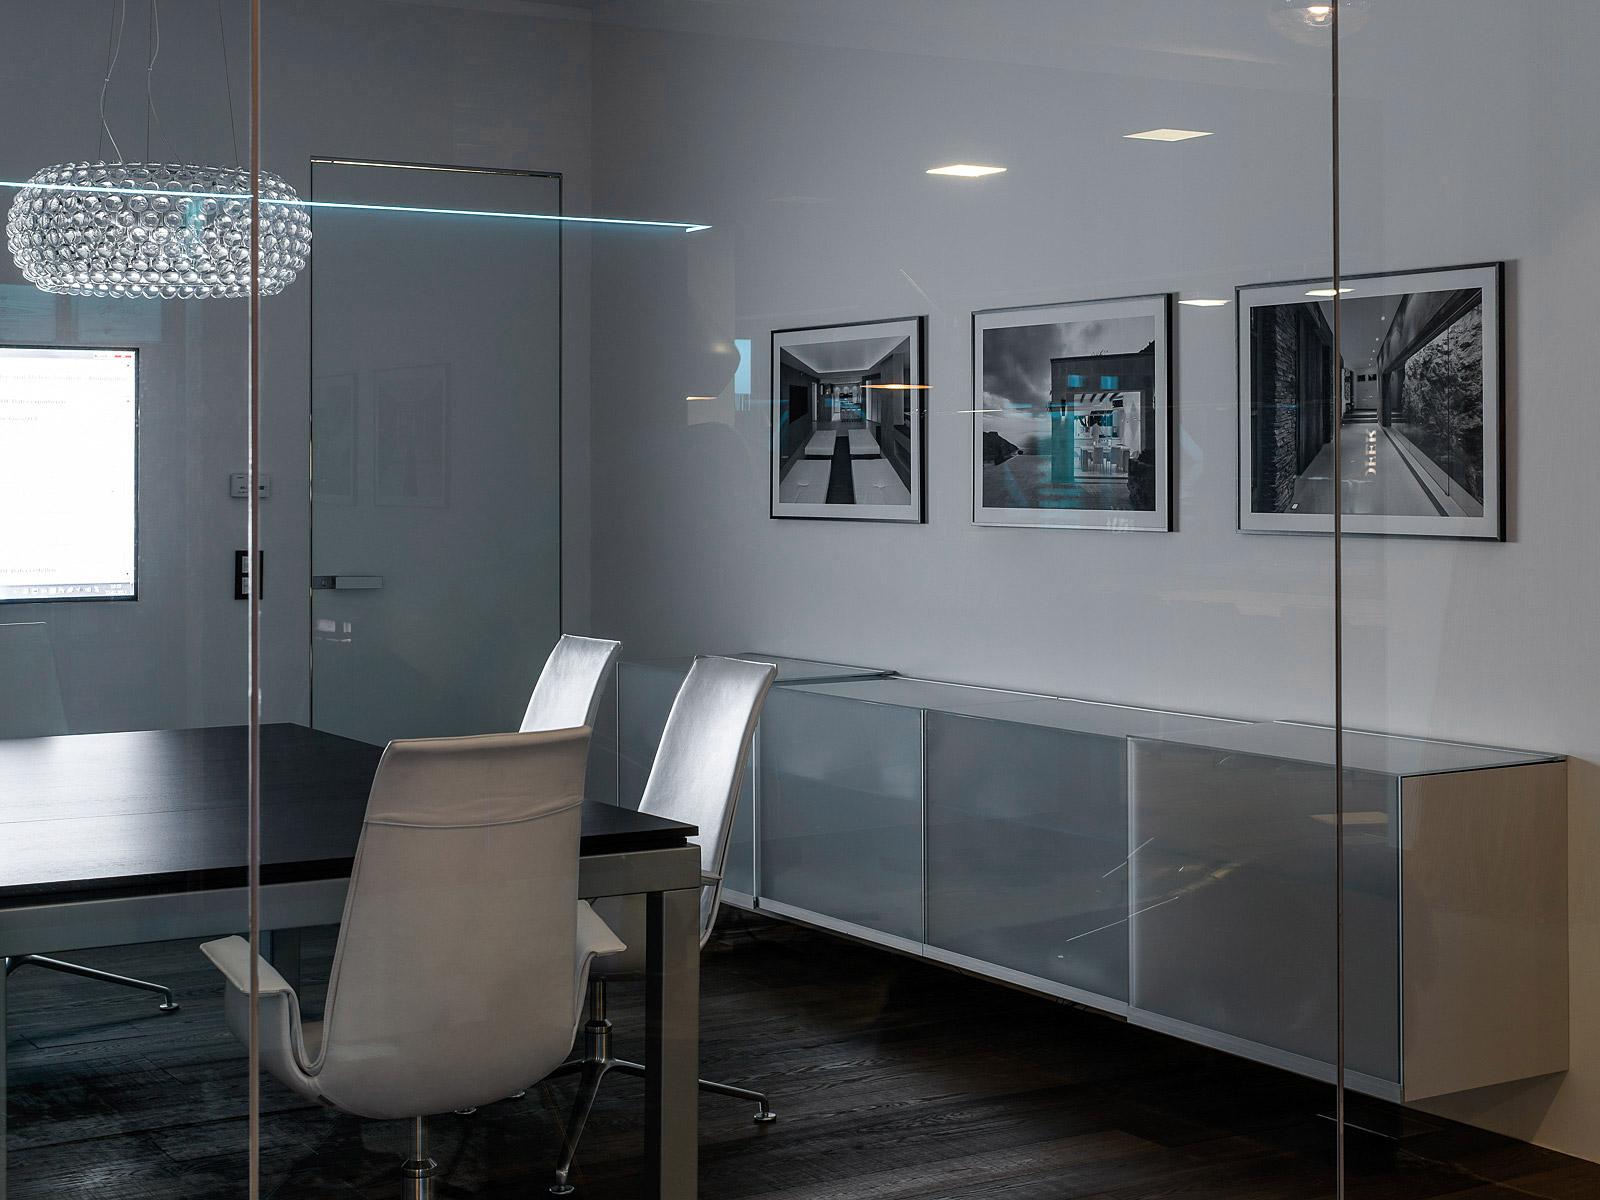 der Kitzcorner Showroom in Oberndorf, Interiorfotograf, Architekturfotograf,